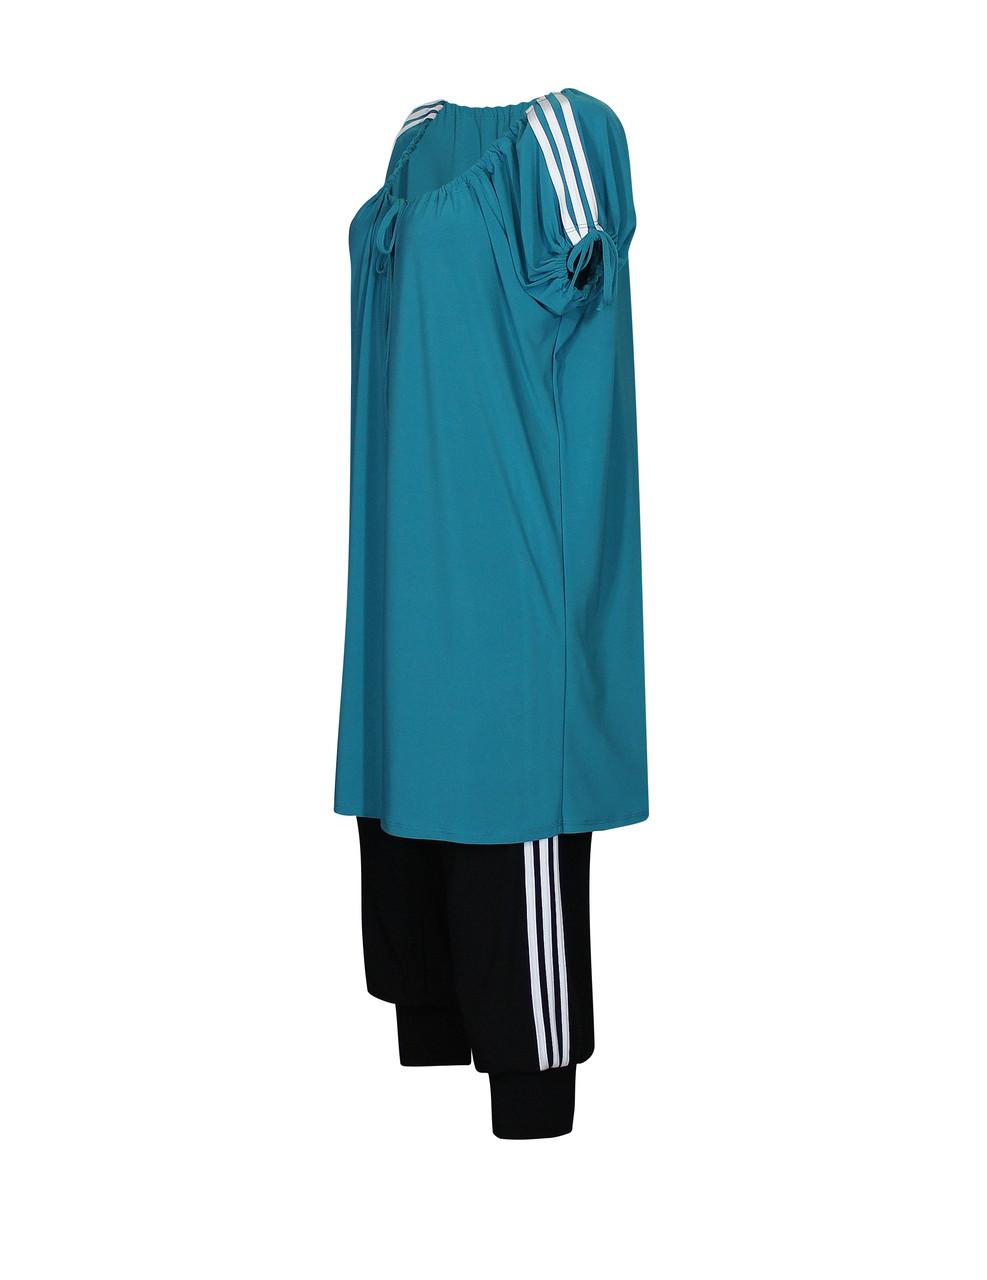 Летний спортивный костюм больших размеров Полоски